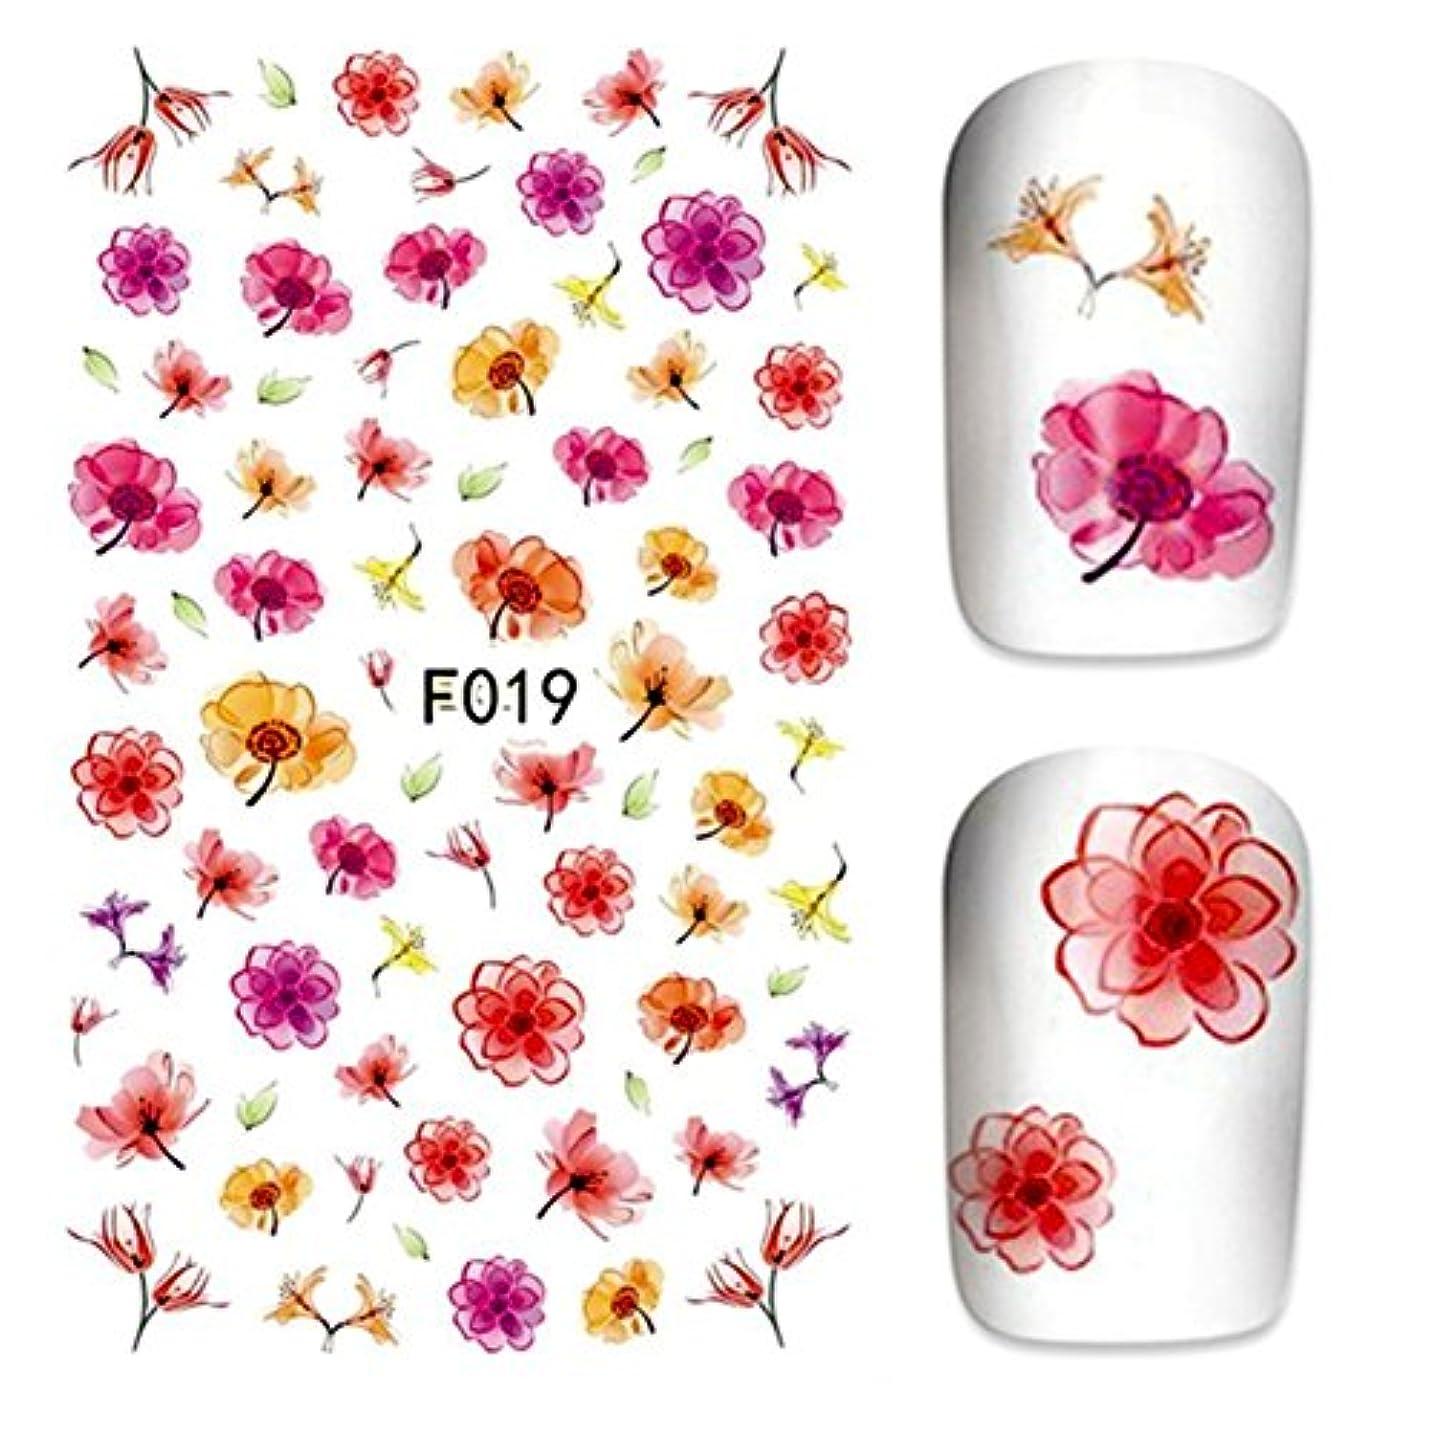 フライカイトピース荒涼とした水彩 お花パターンネイルステッカー ネイルシールネイルアートパーツ